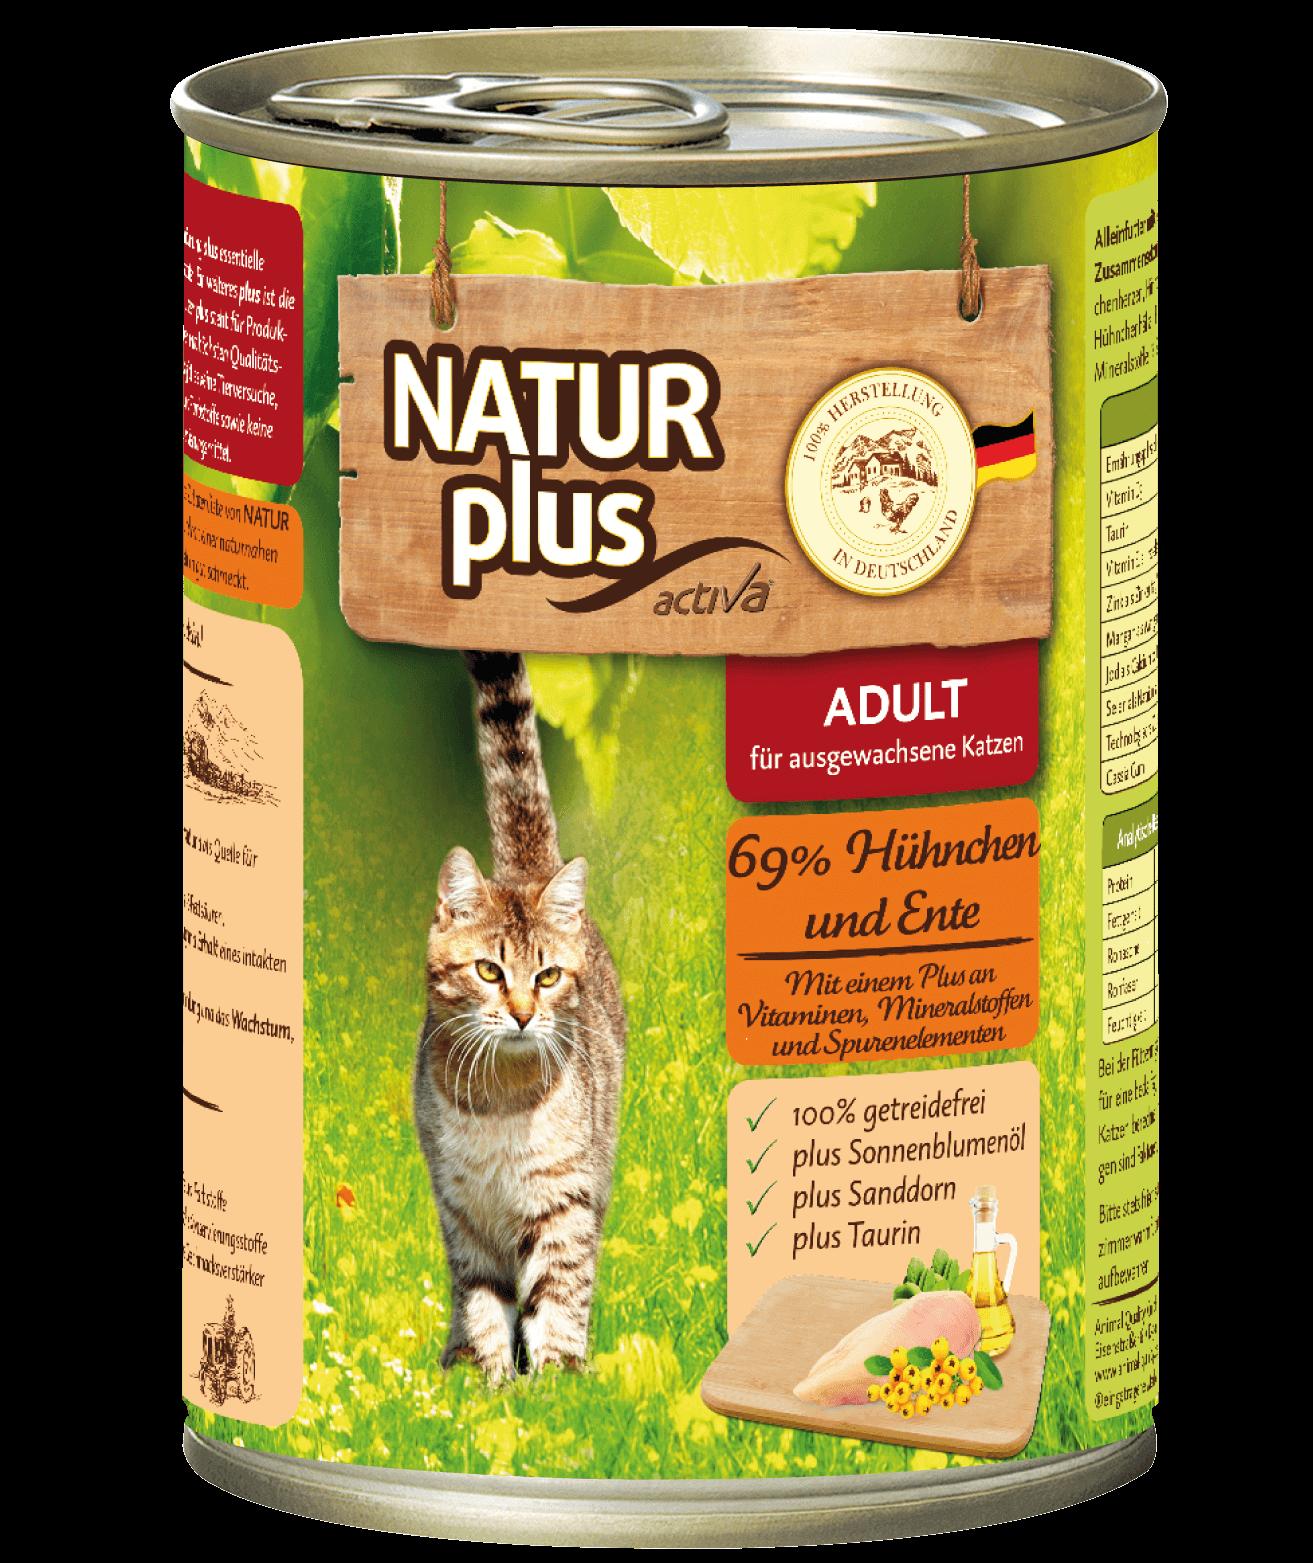 Natur plus Katze